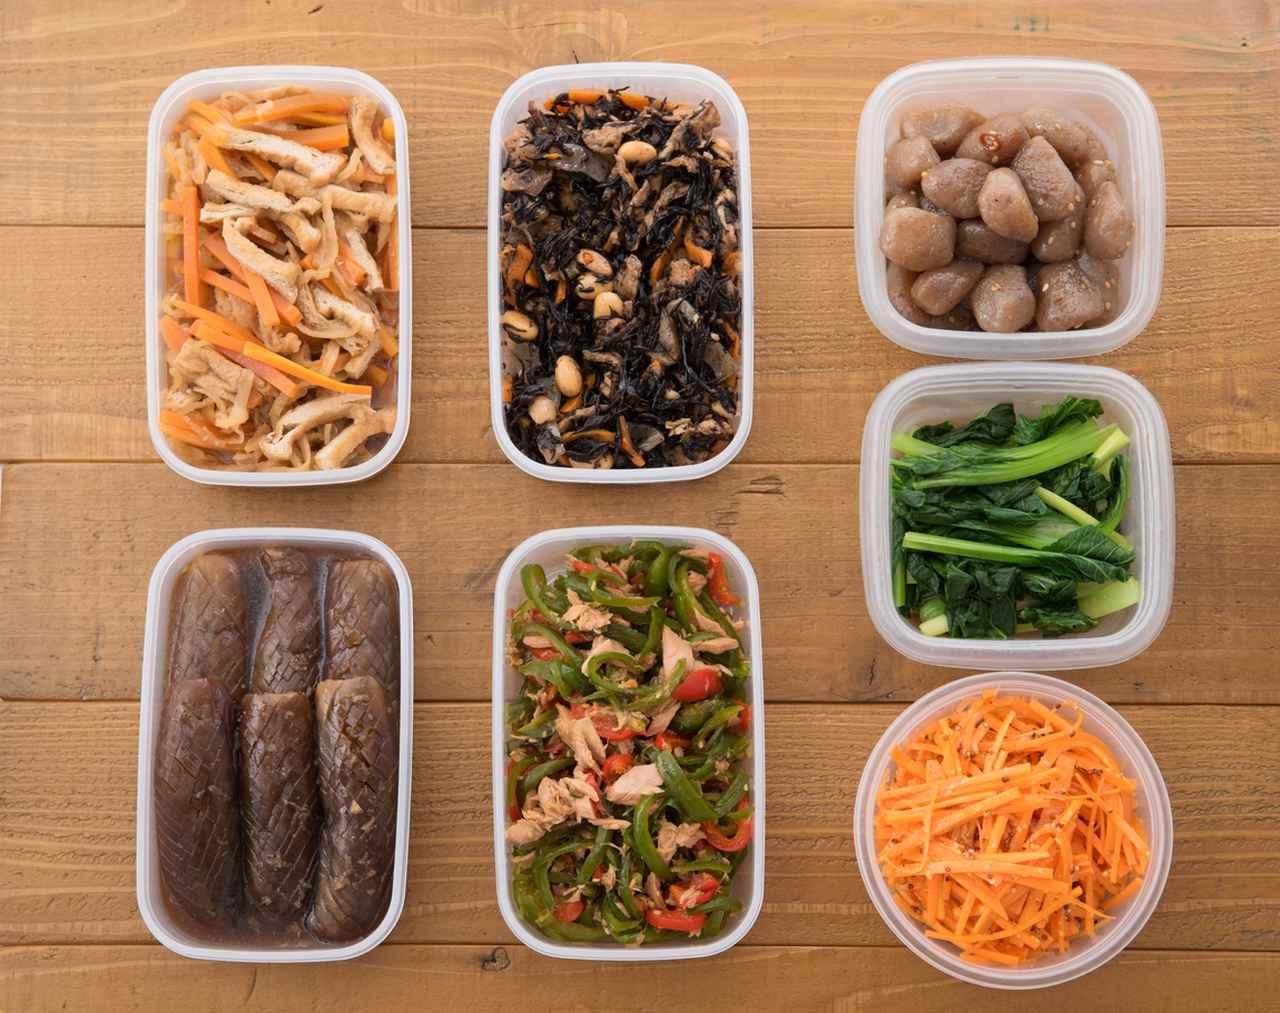 画像: 画像:iStock.com/karinsasaki